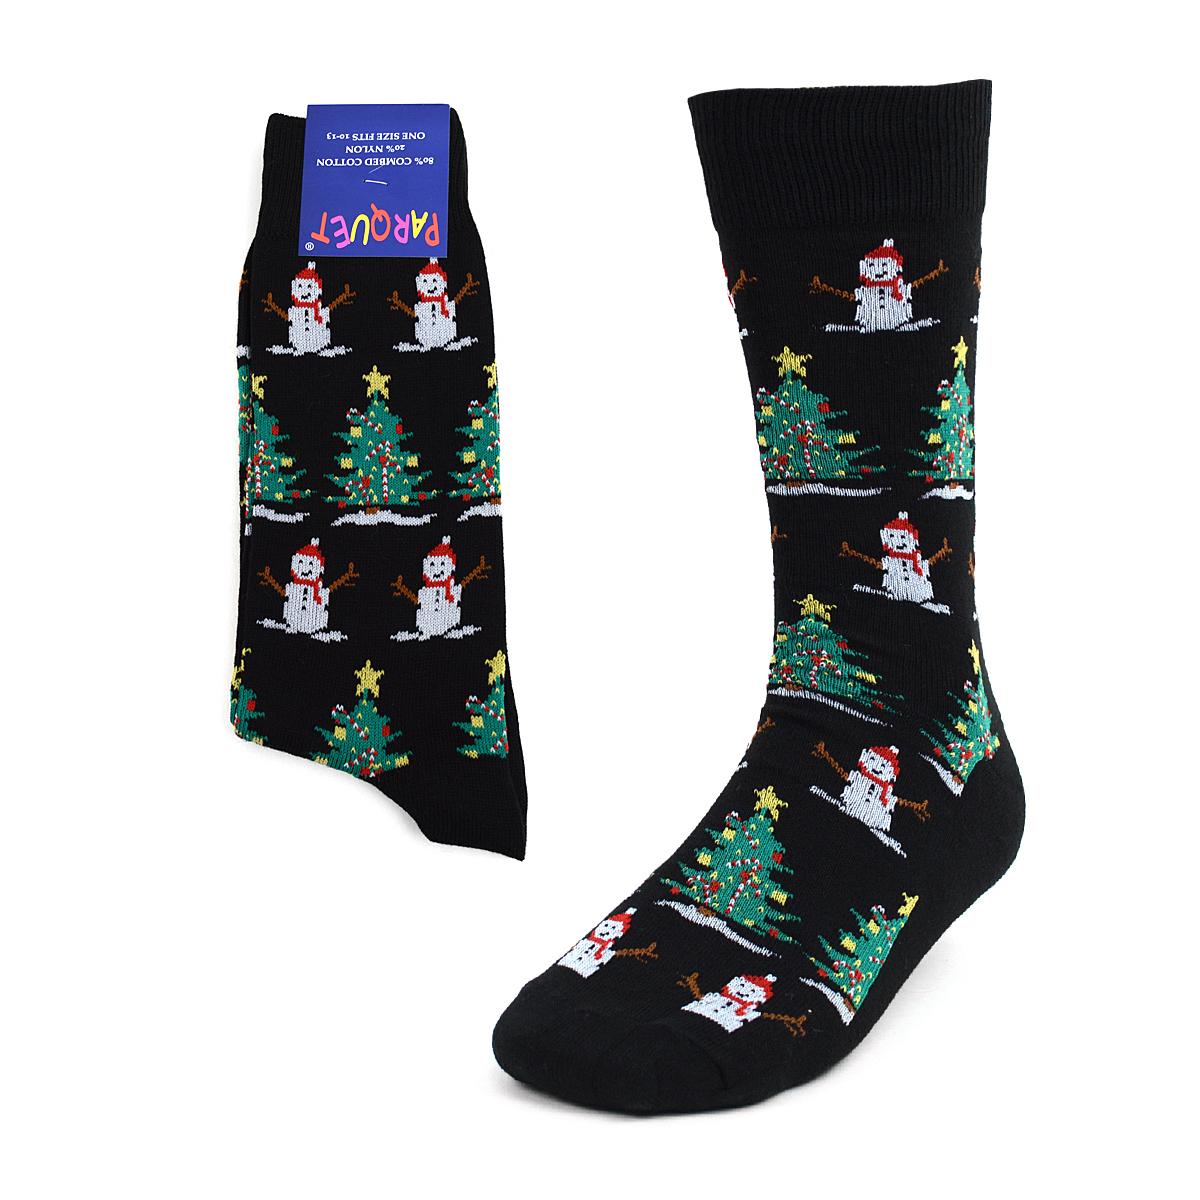 Men's CHRISTMAS Tree & Snowman Black Novelty Socks